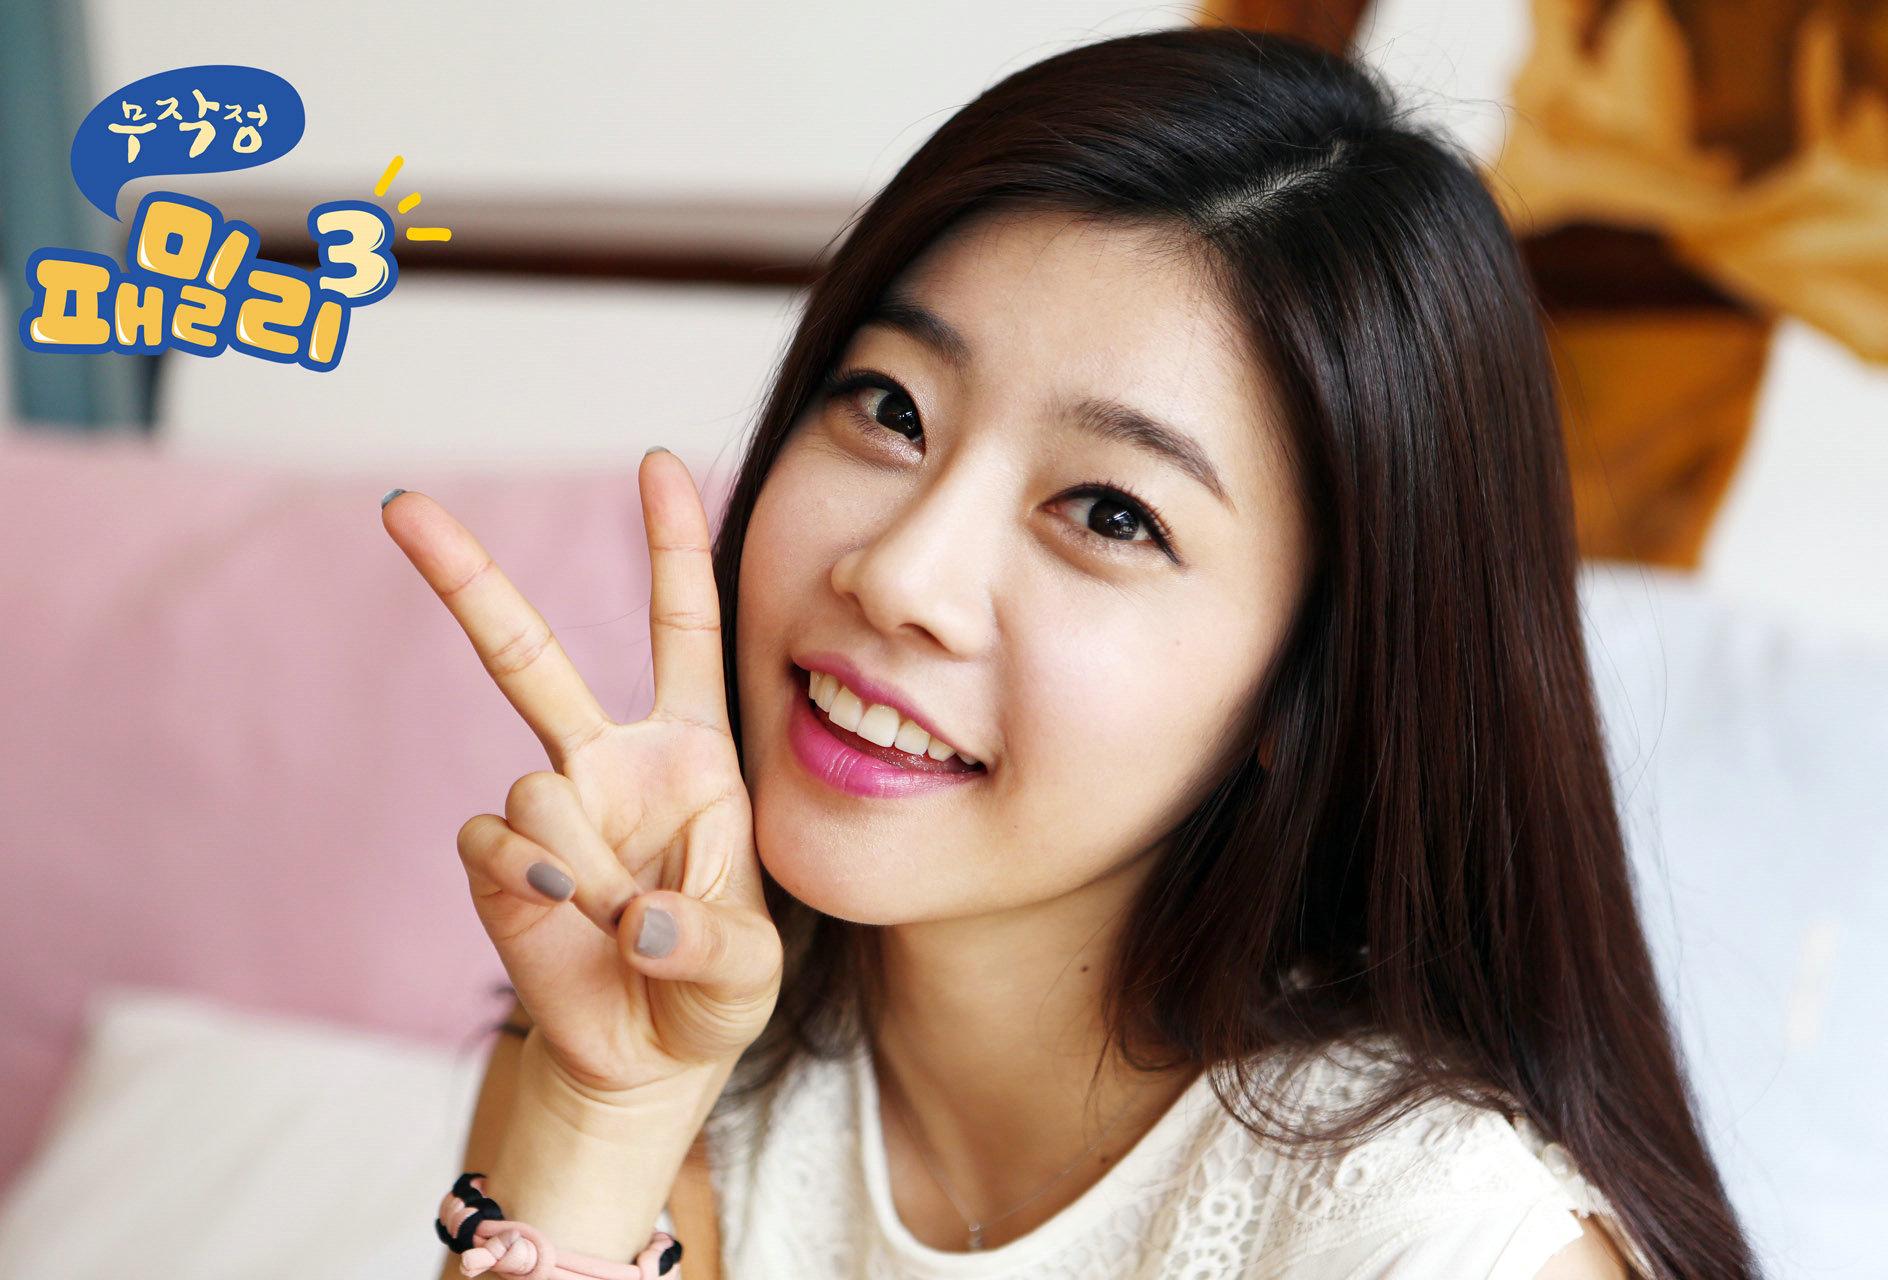 Фото членов корейцев 30 фотография